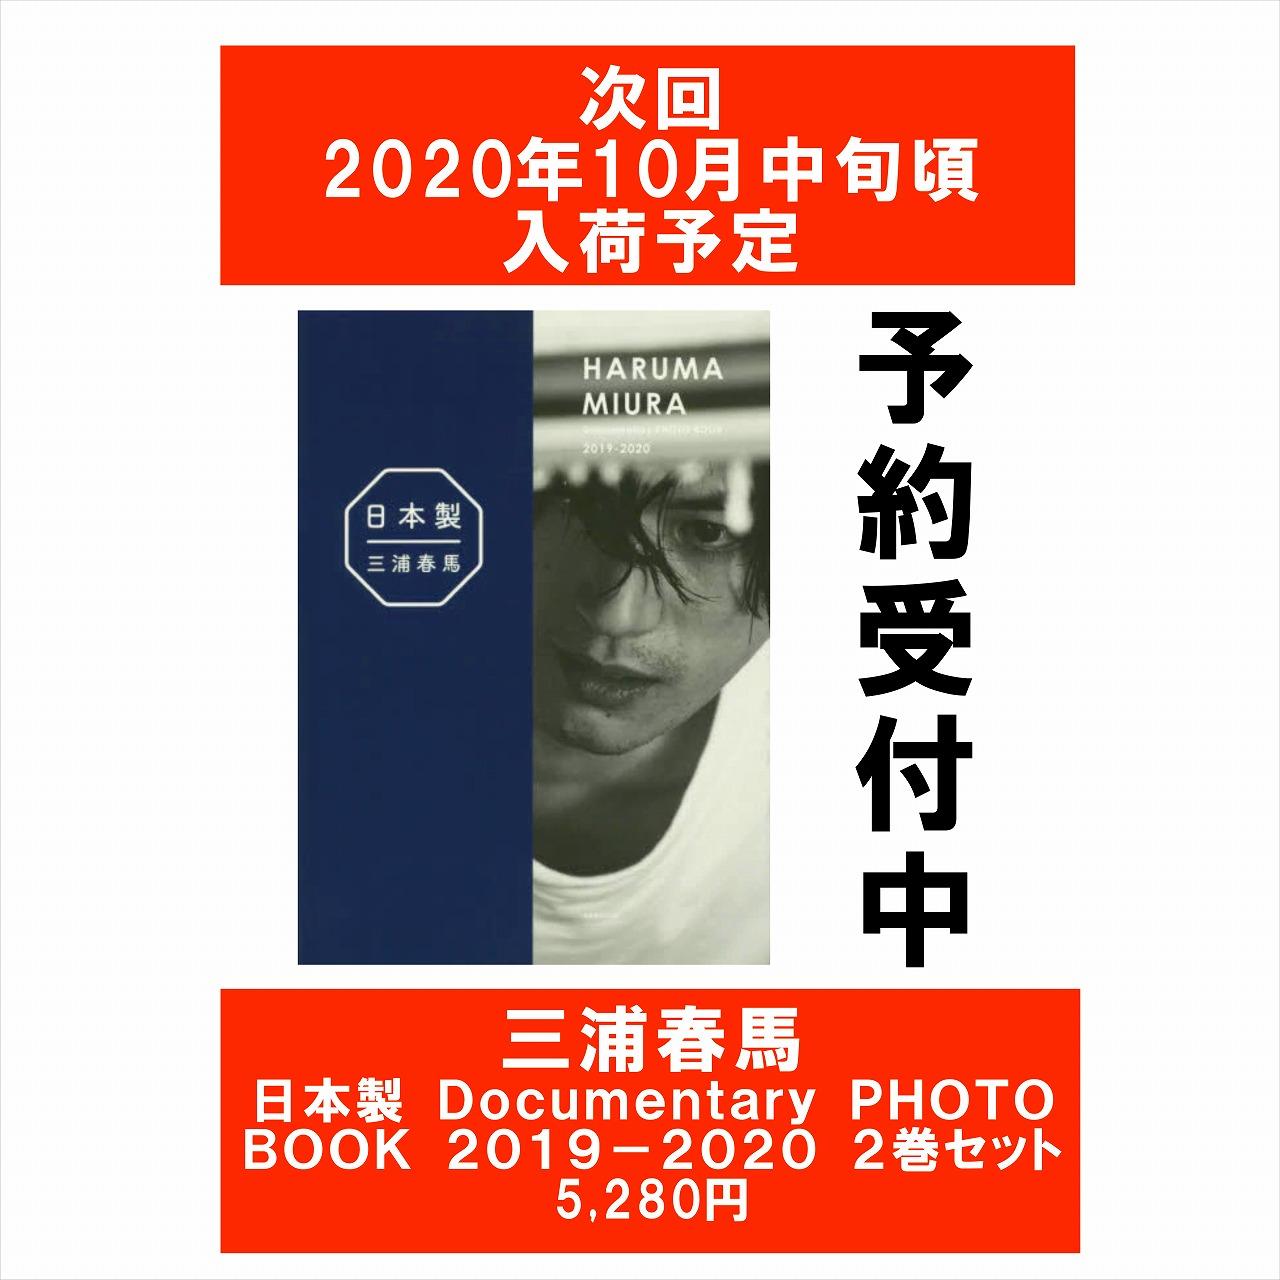 三浦春馬 『日本製 Documentary PHOTO BOOK 2019-2020 2巻セット』